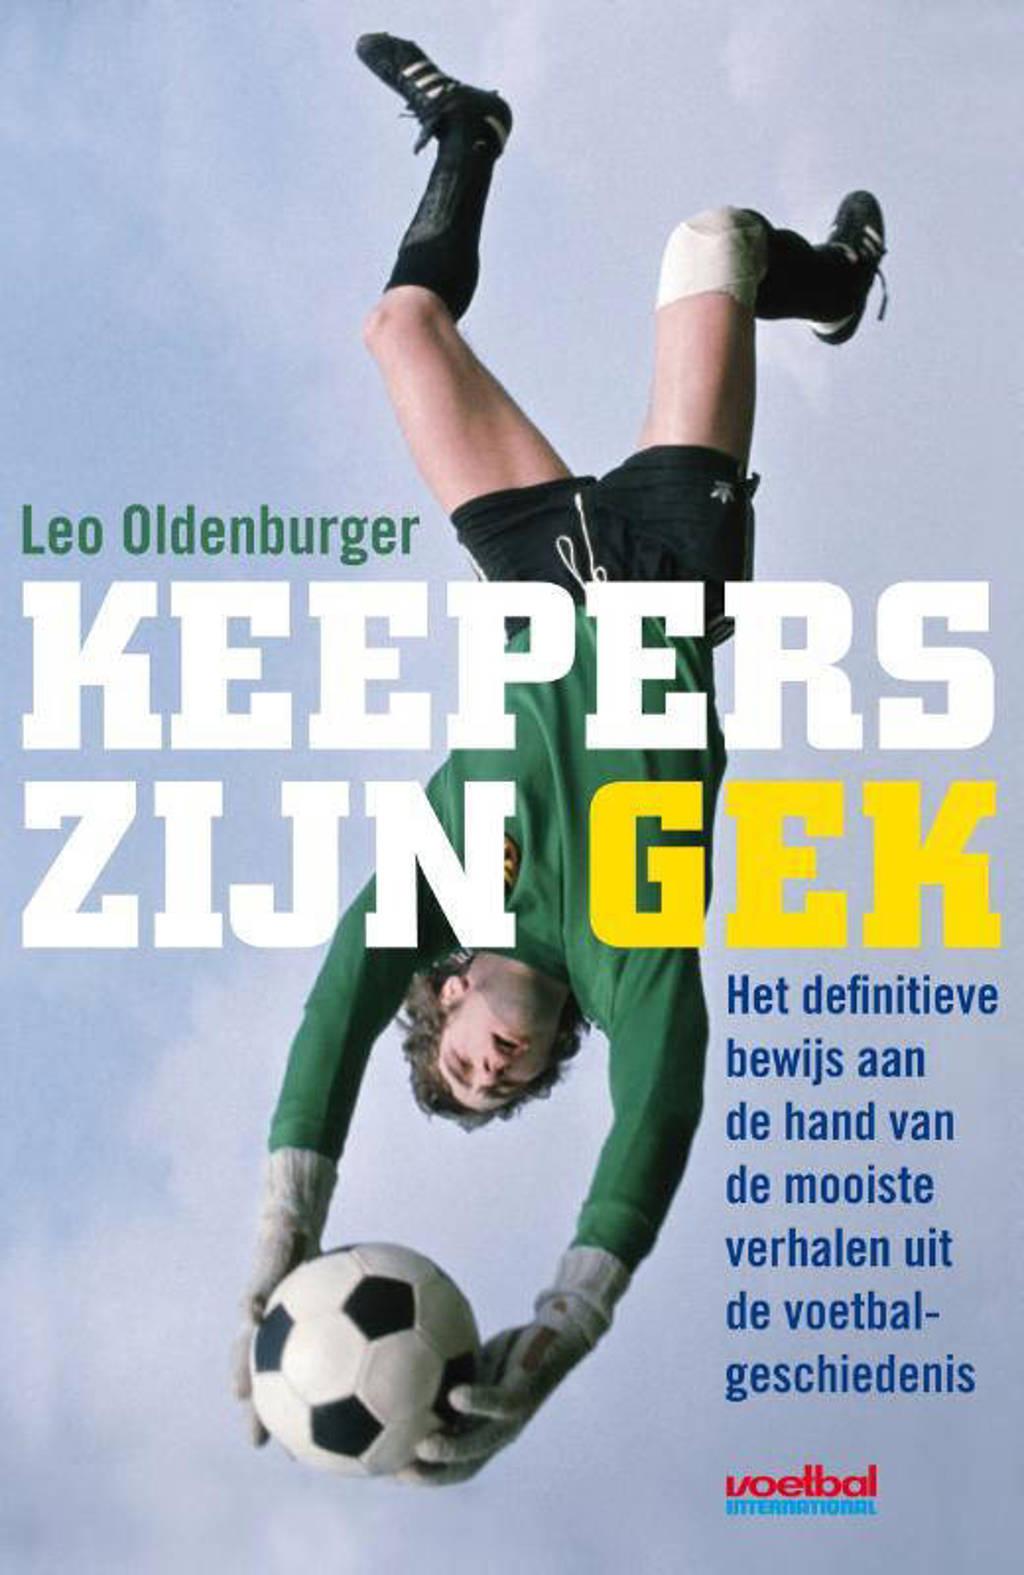 Keepers zijn gek - Leo Oldenburger